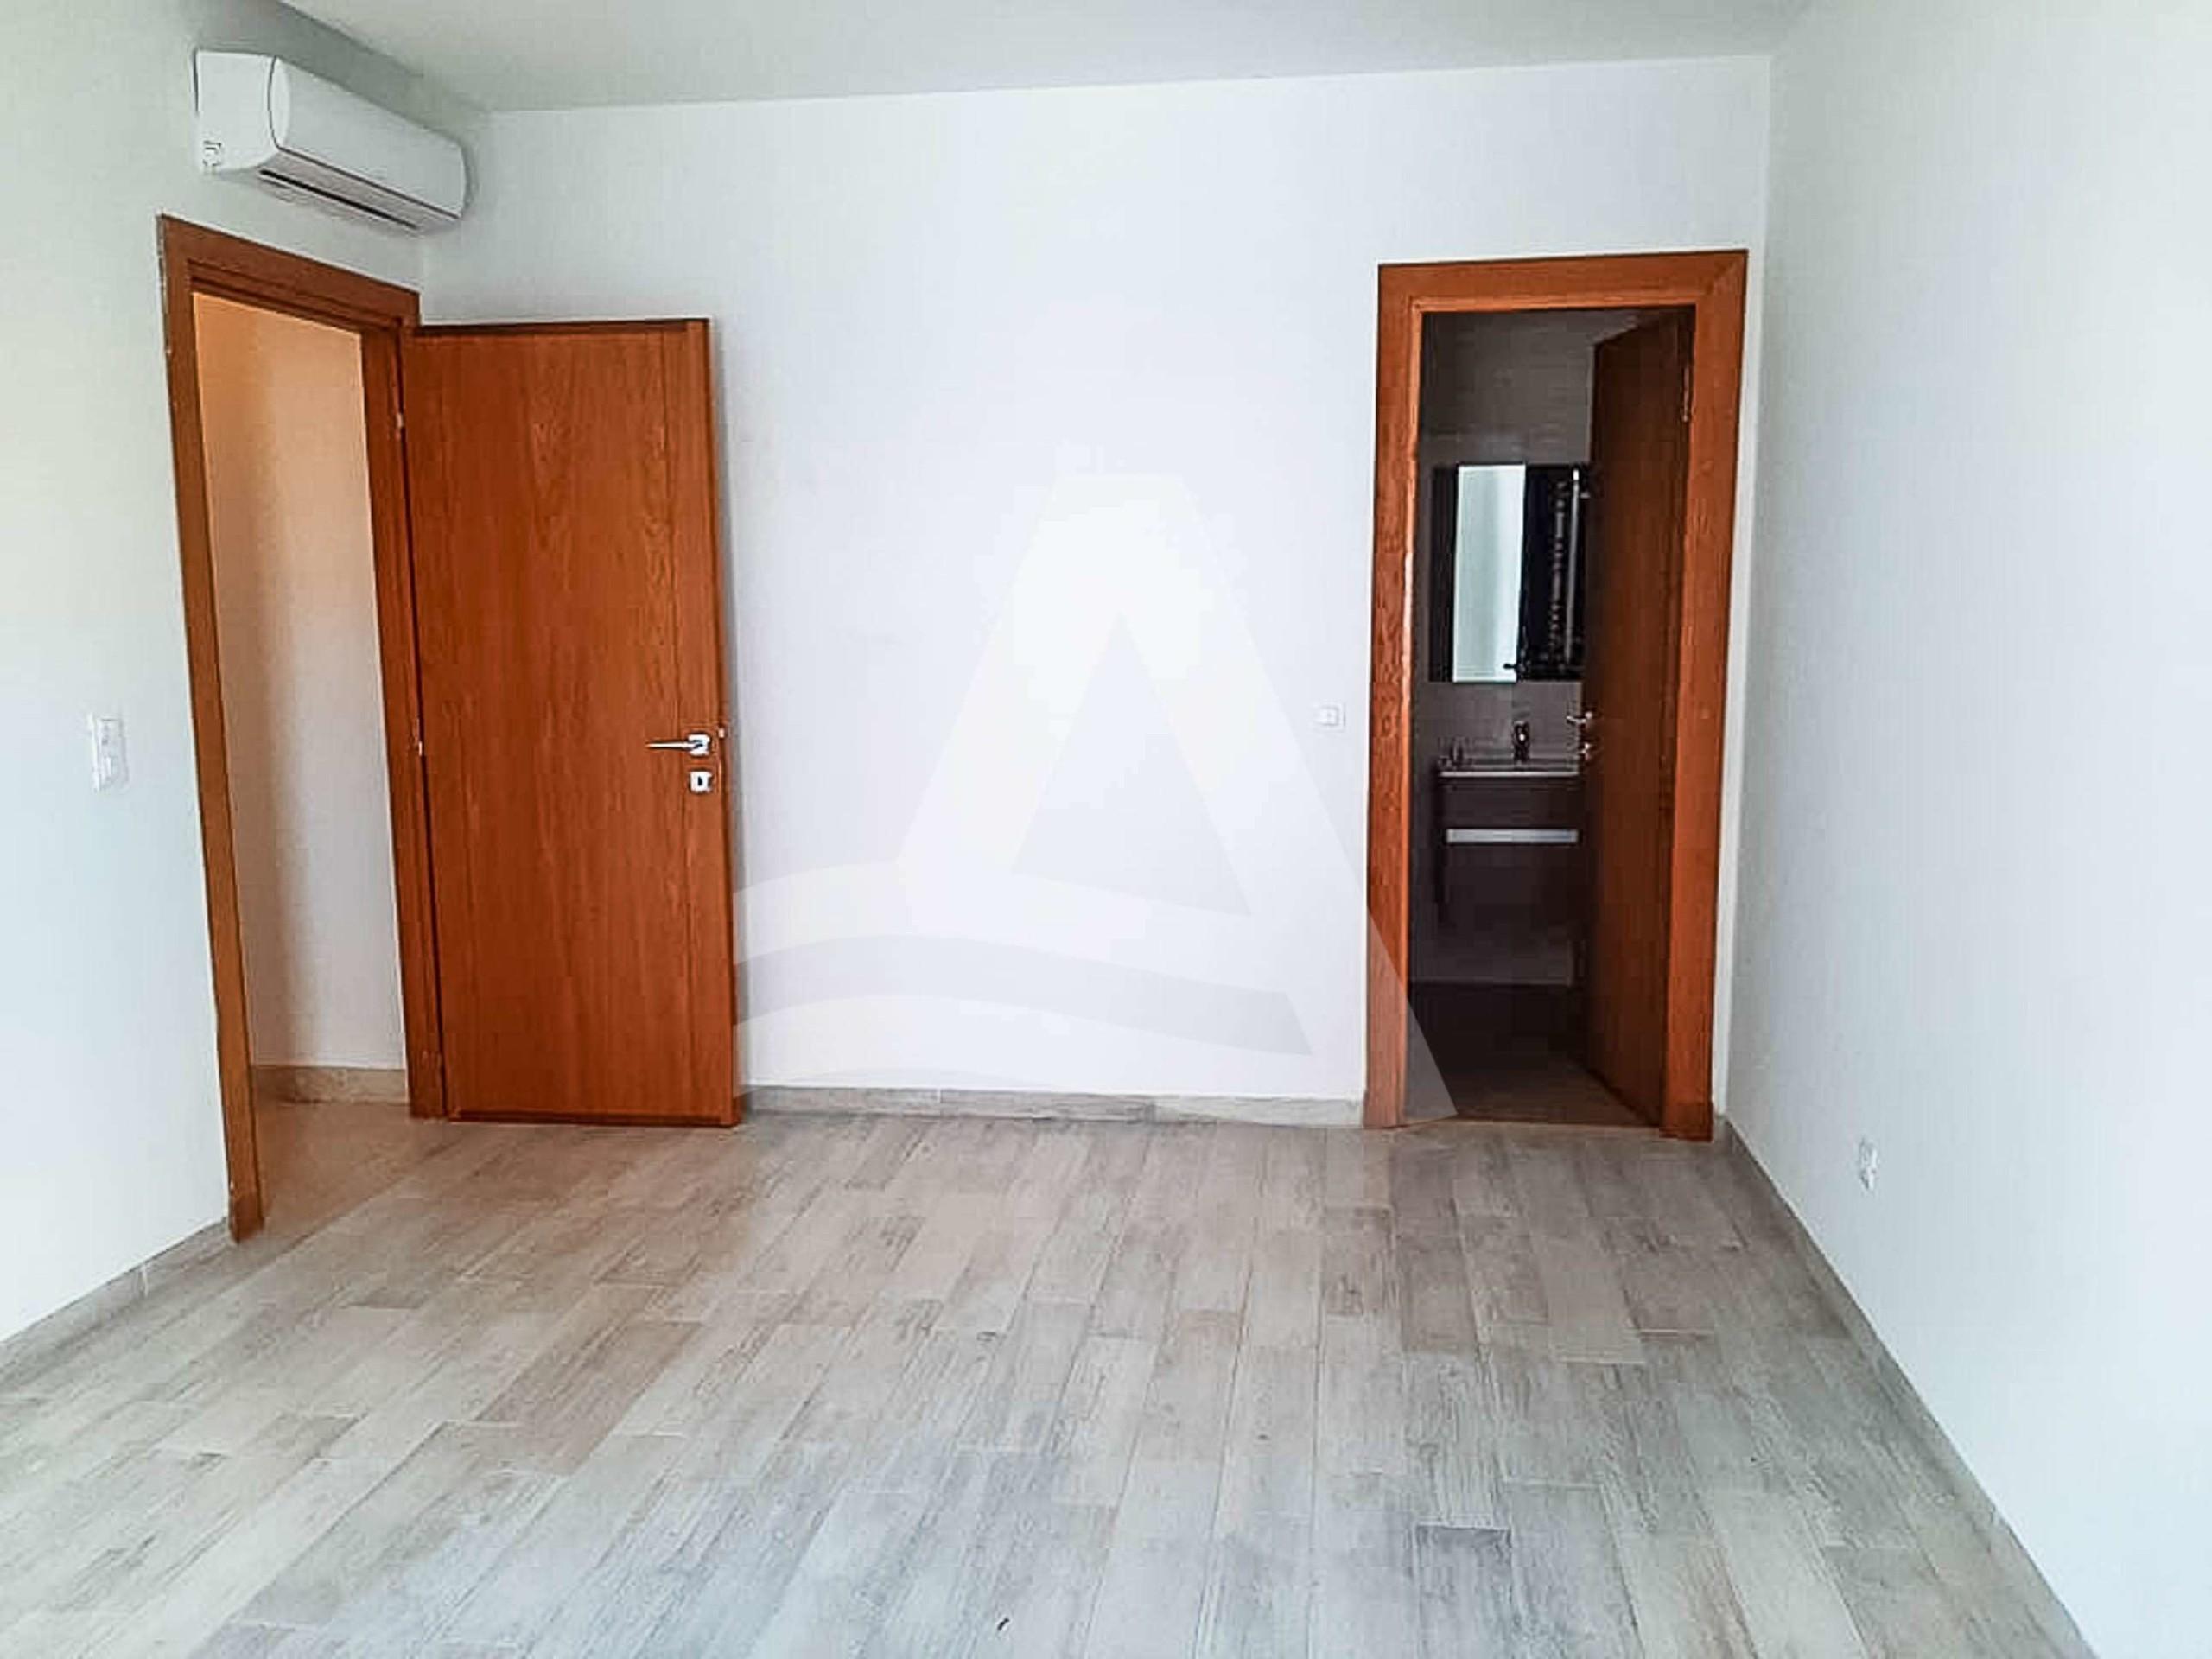 httpss3.amazonaws.comlogimoaws7616582021599491838_Arcane_immobilière_la_Marsa-_location_-_vente_la_marsa__-5